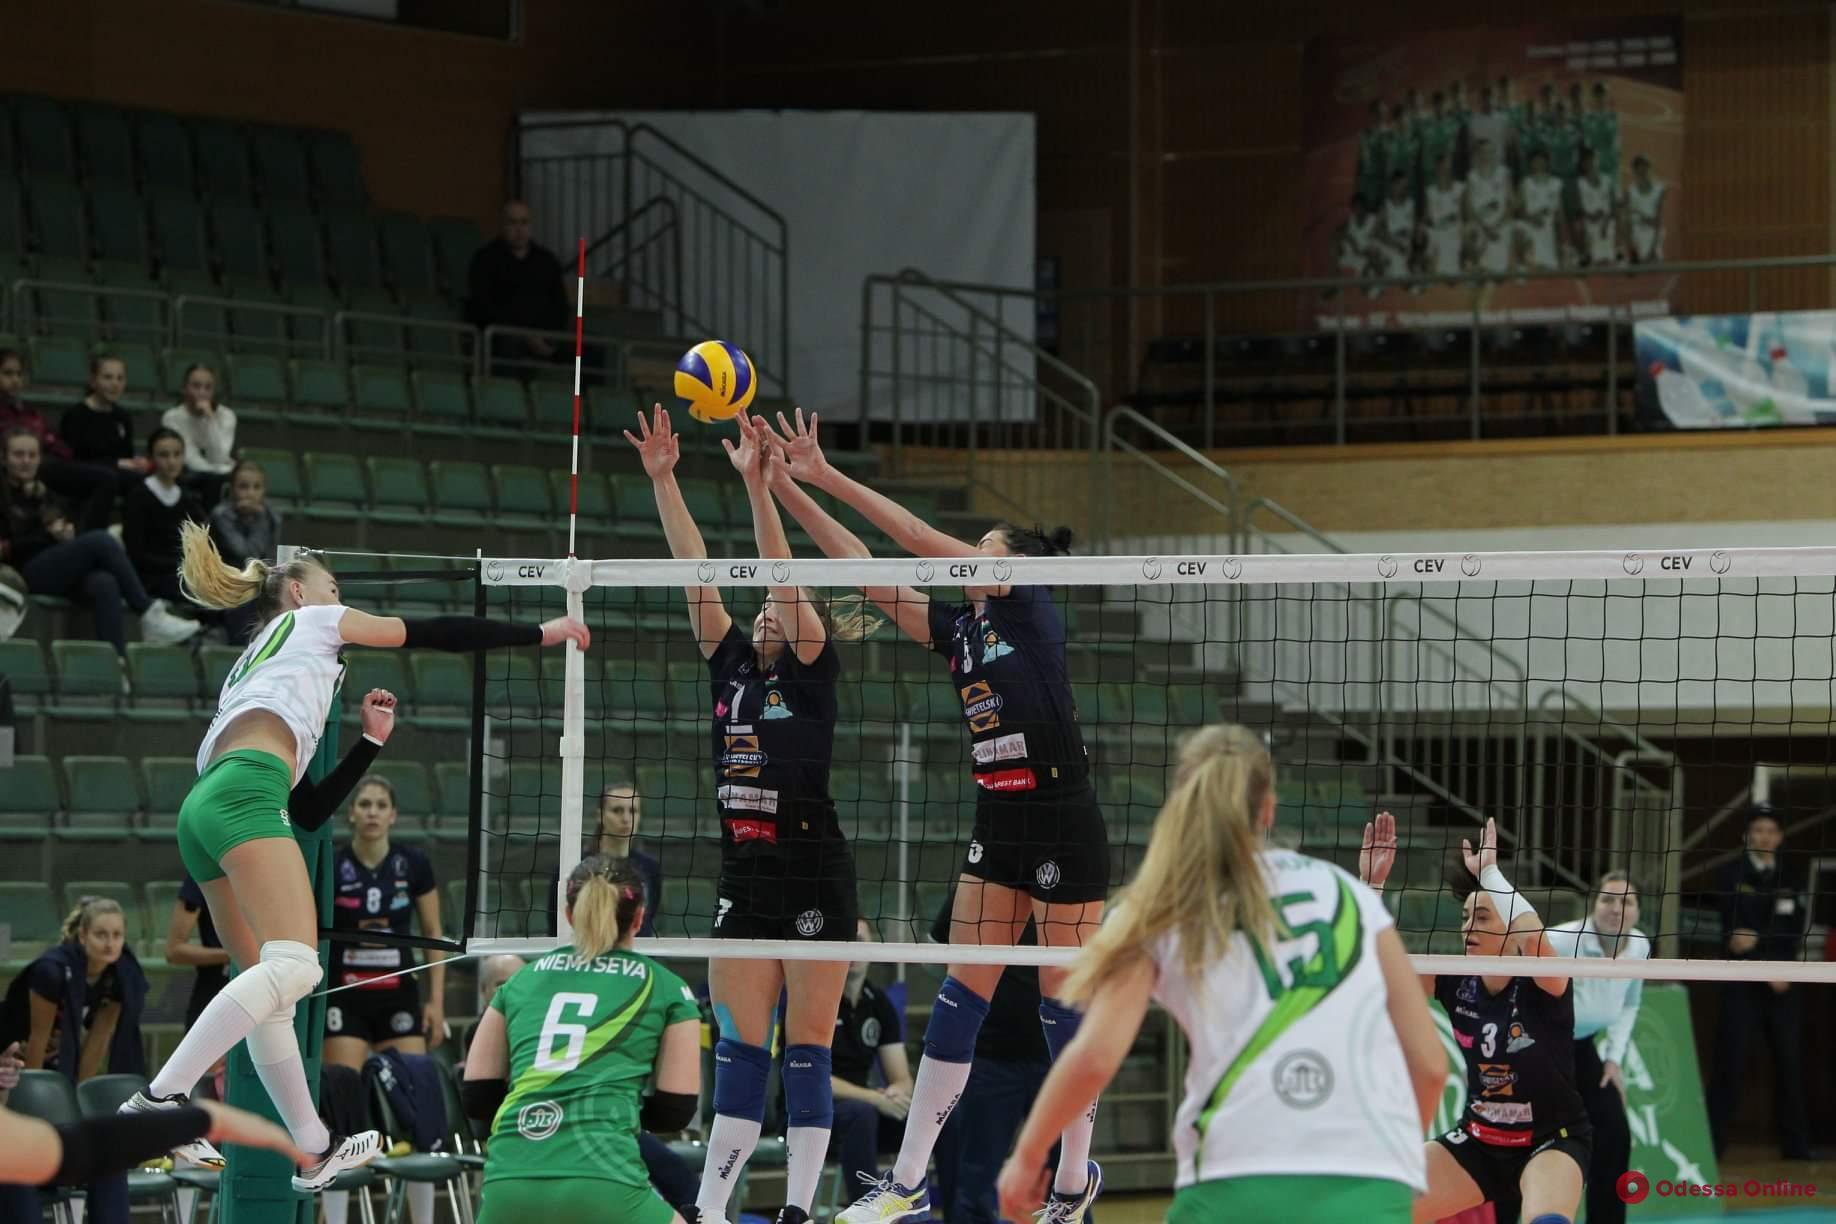 Южненские волейболистки удачно начали еврокубковый сезон